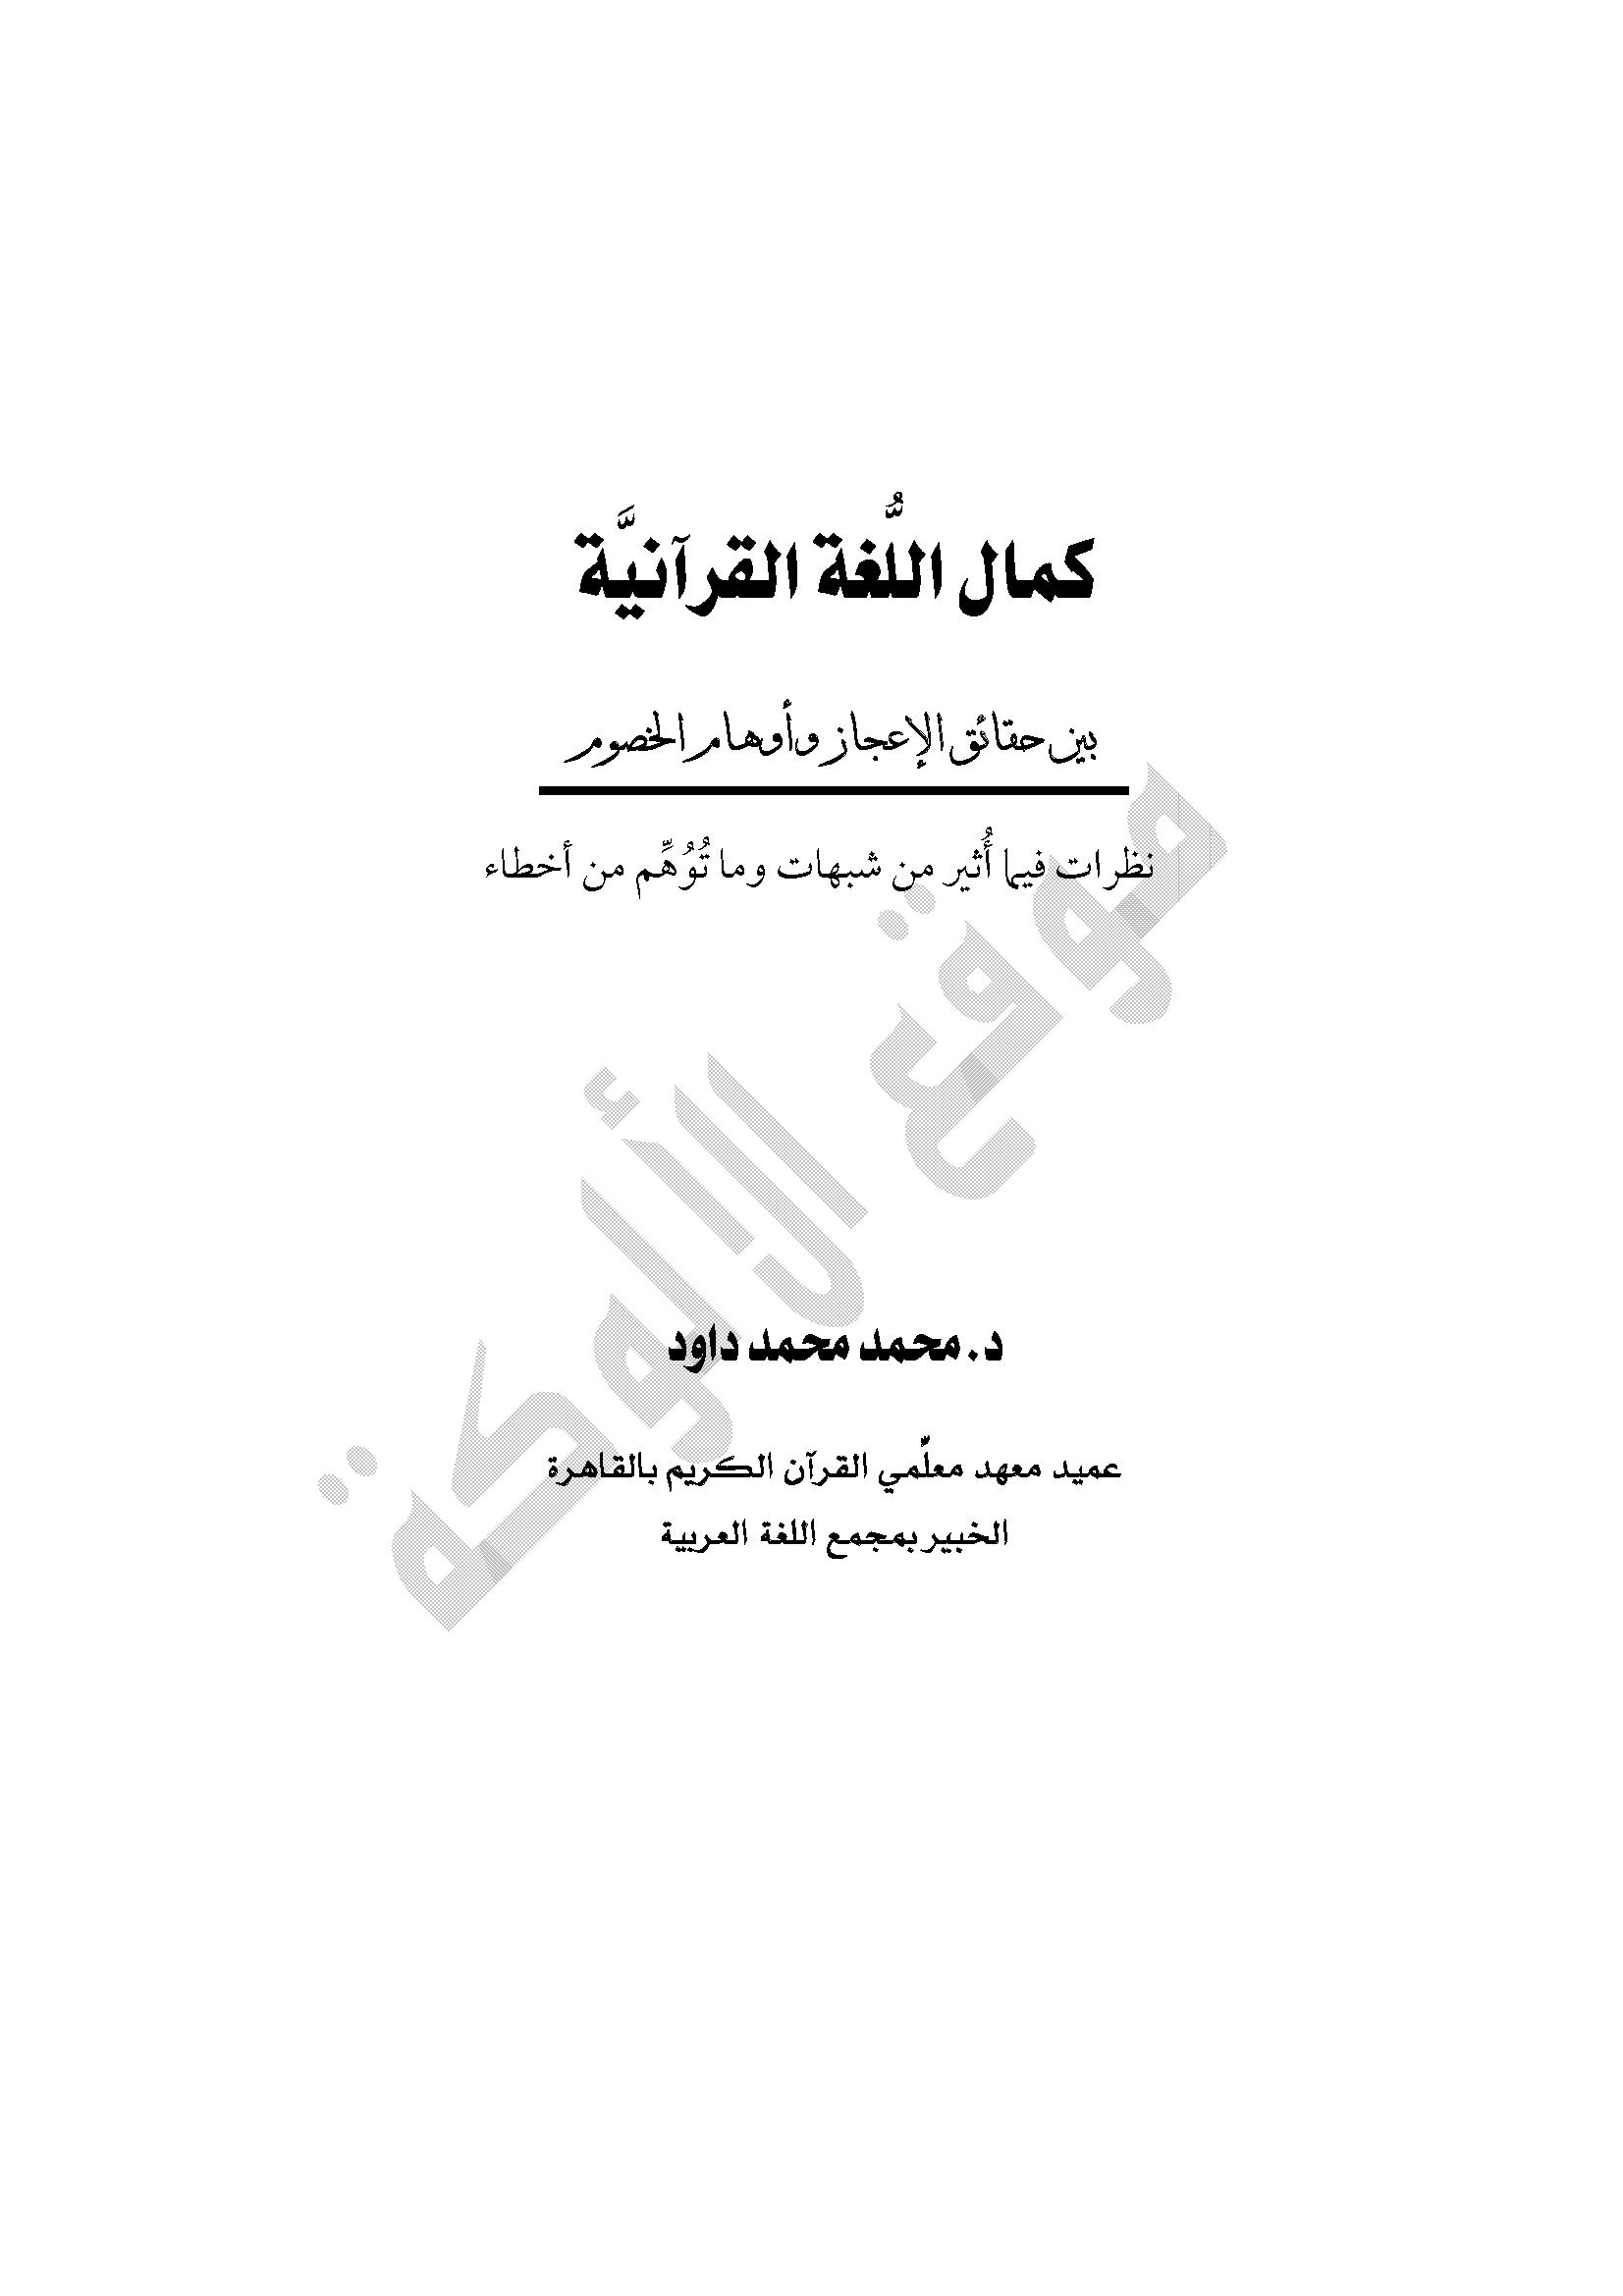 تحميل كتاب كمال اللغة القرآنية بين حقائق الإعجاز وأوهام الخصوم لـِ: الدكتور محمد محمد إمام داود